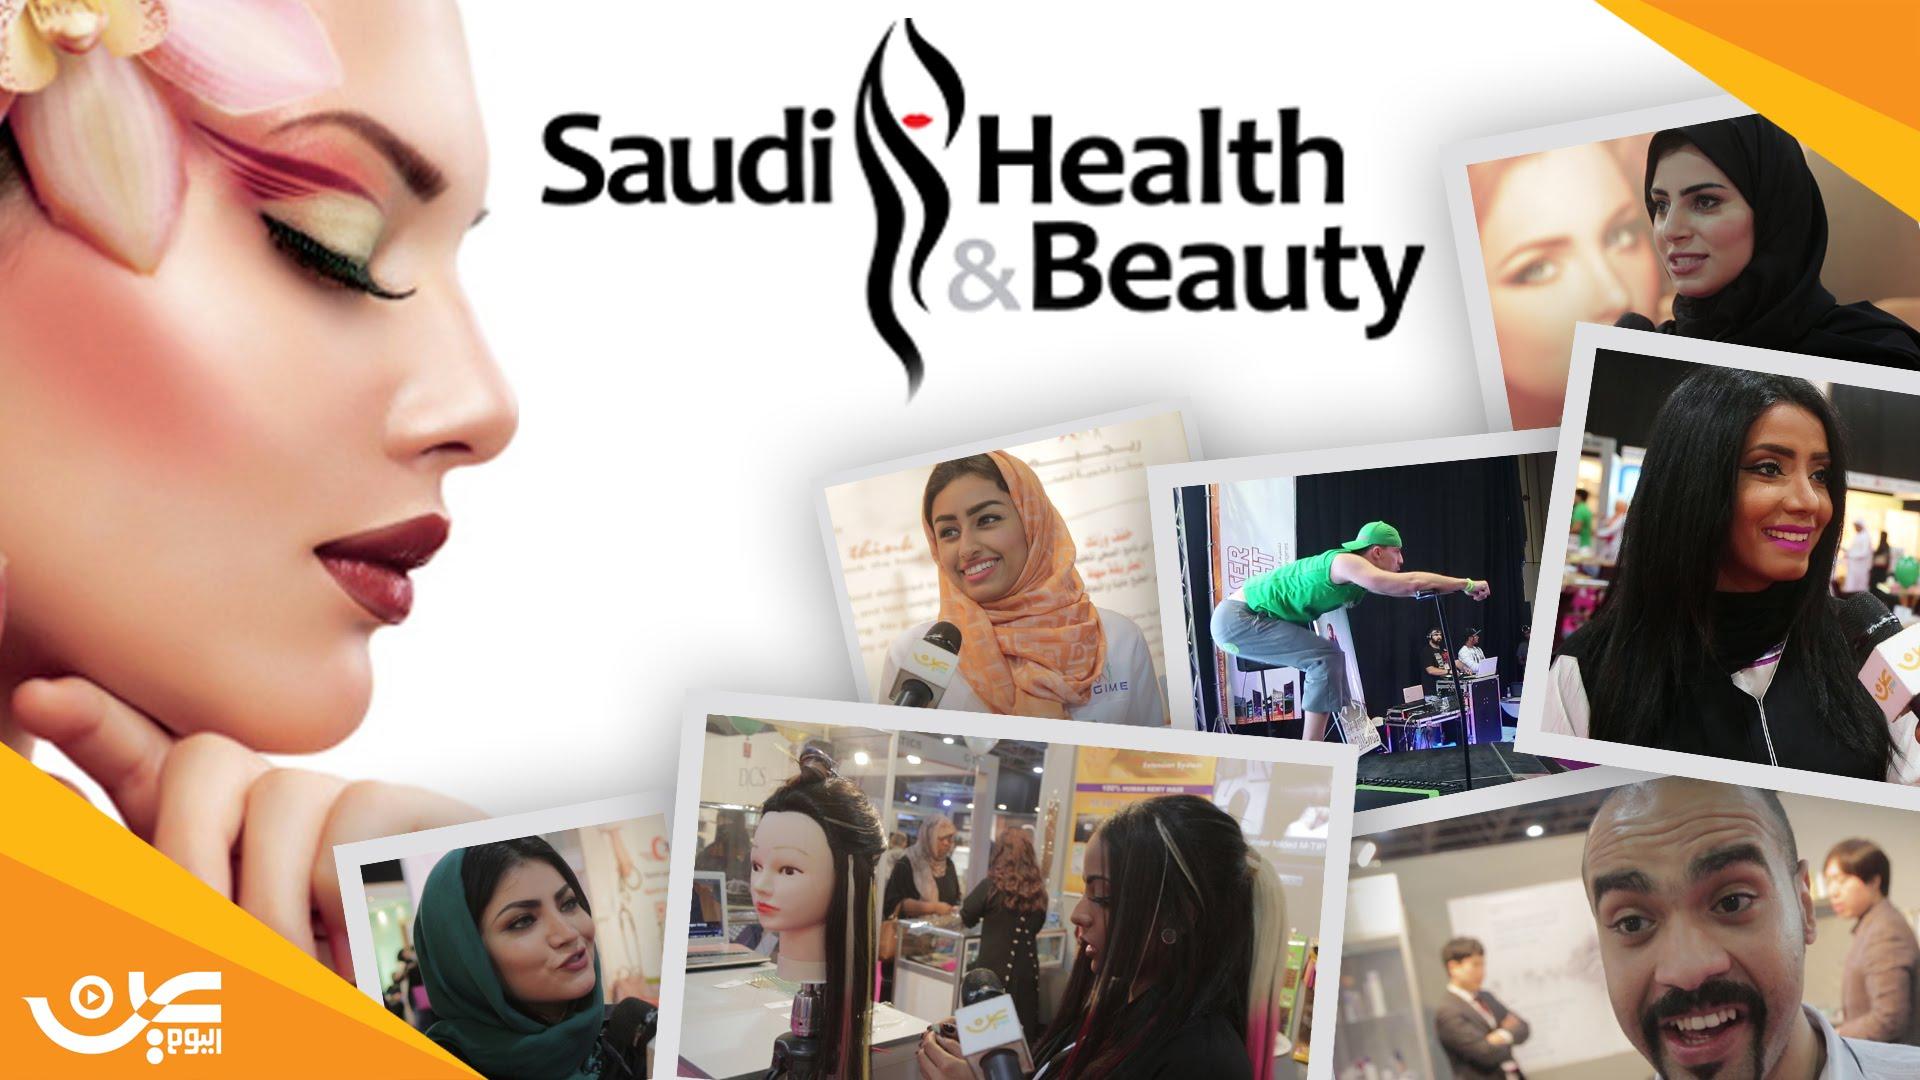 صورة الصحة والجمال , مواضيع عن الصحة والجمال